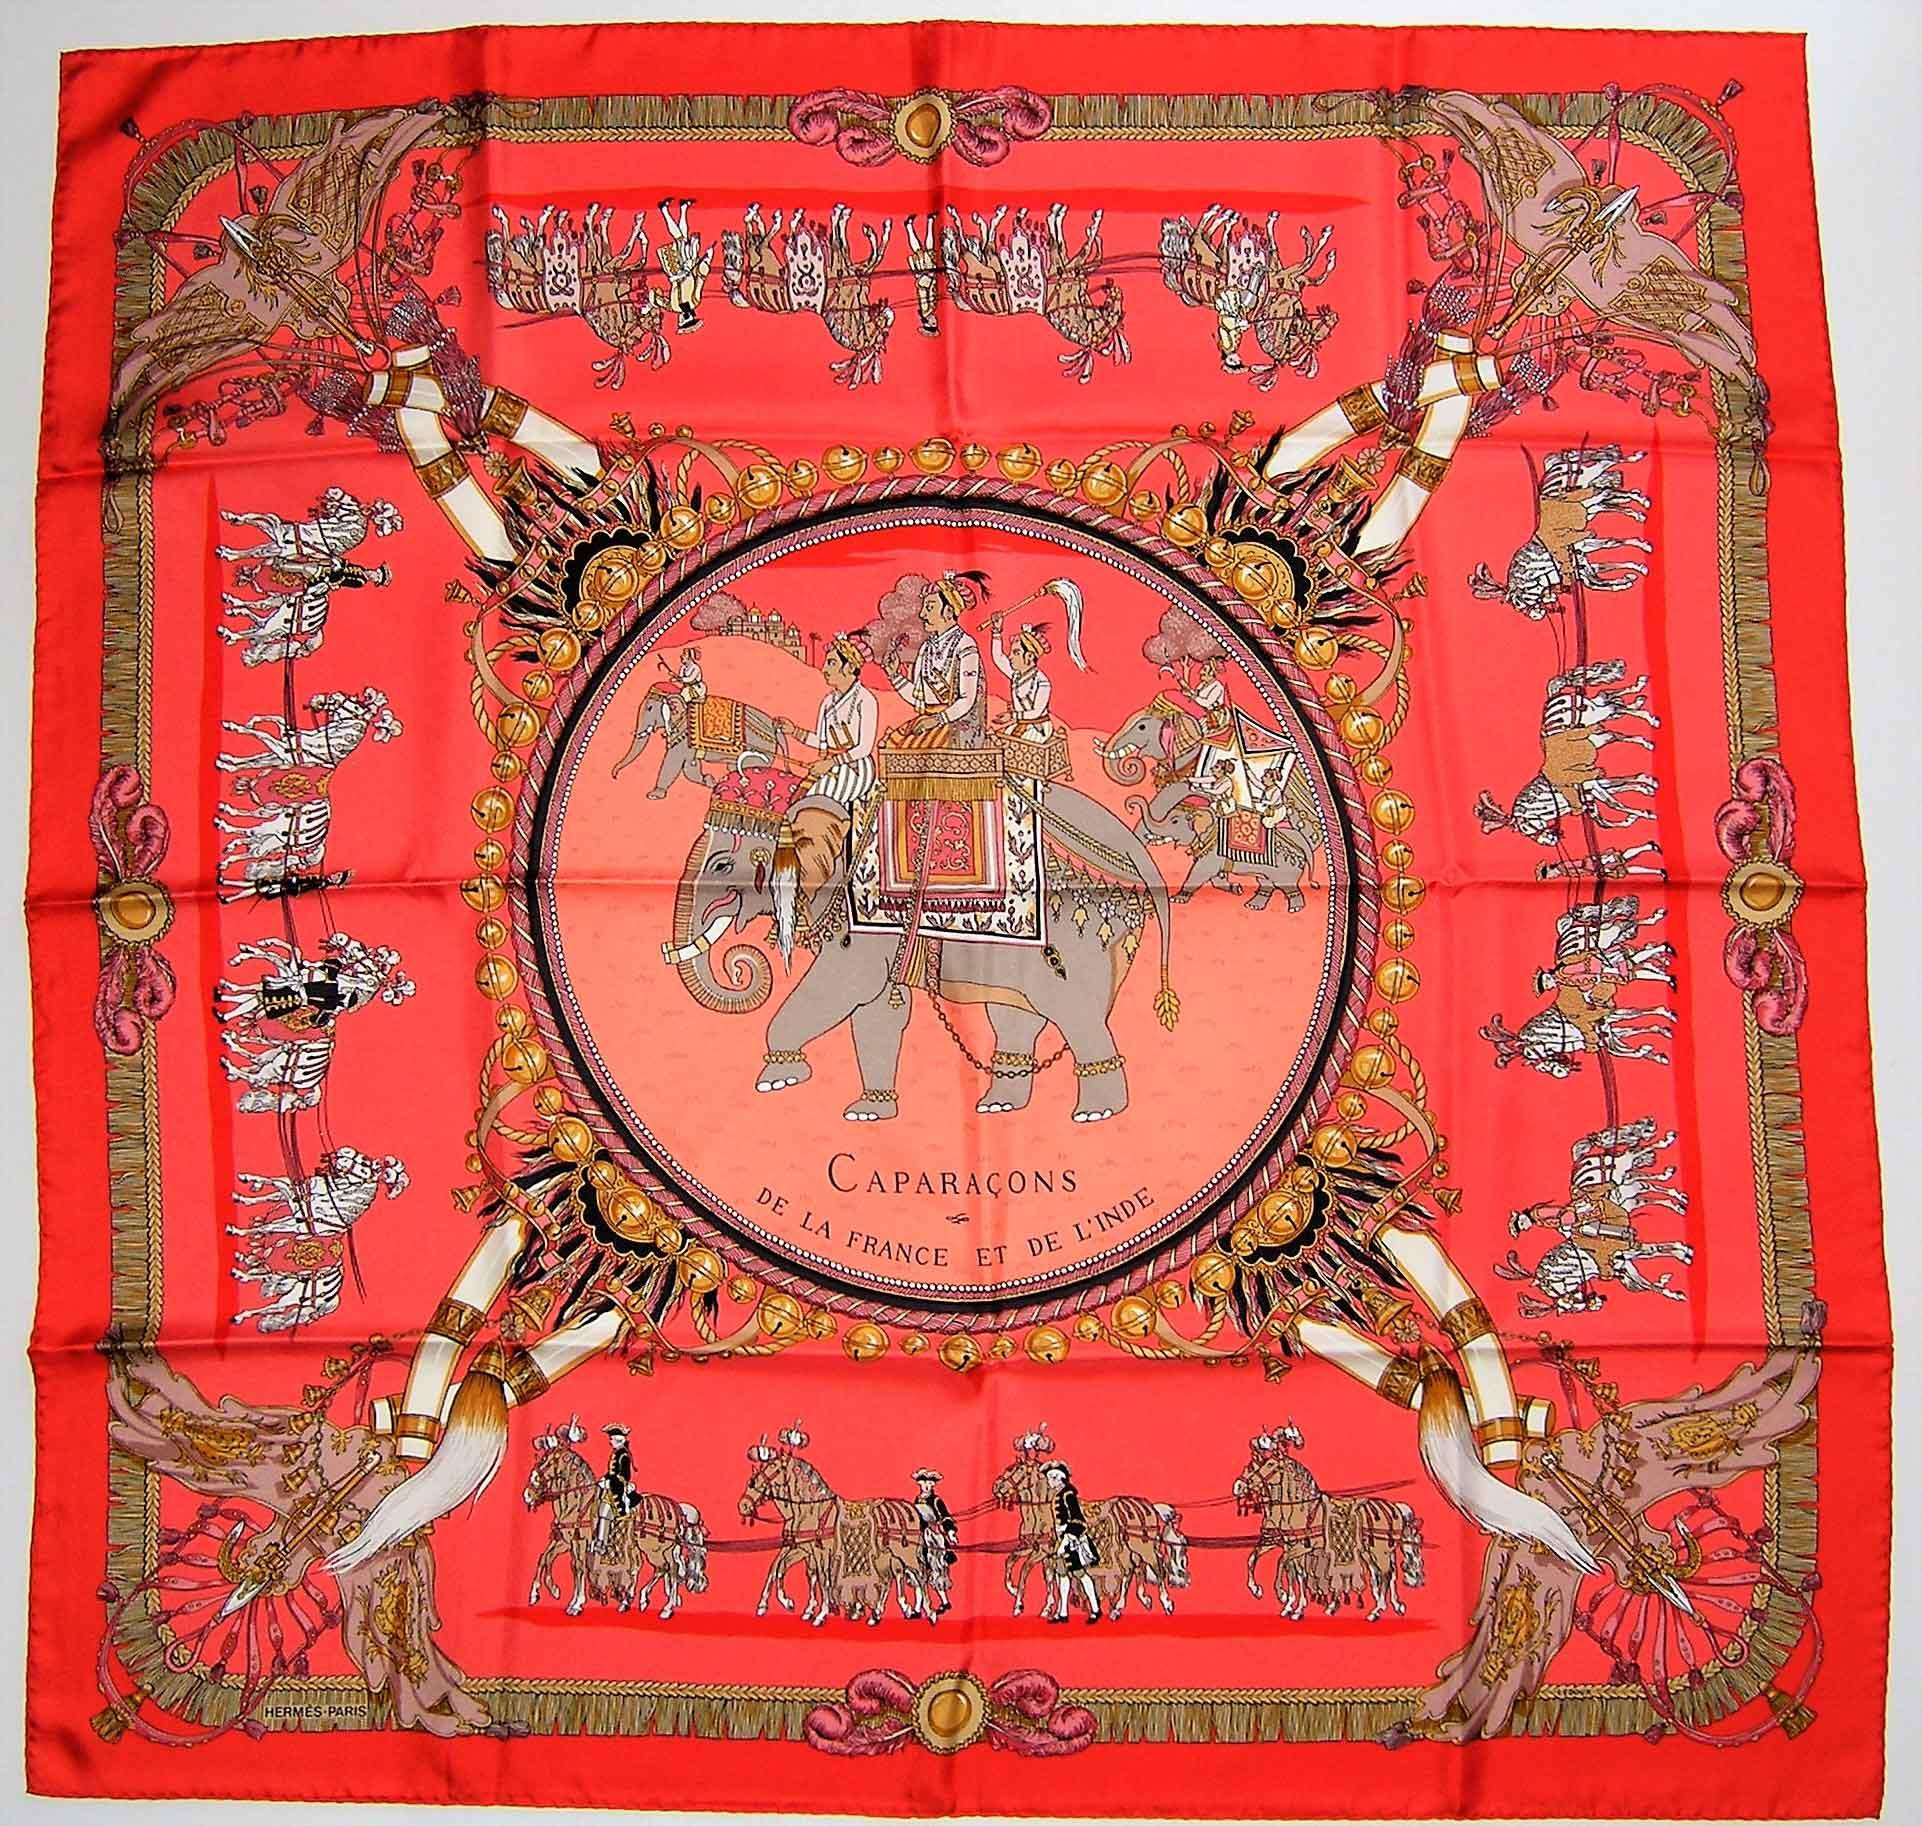 abd4468bdc6a Caparacons de la France et de L Inde Hermes Scarf - It s All Goode